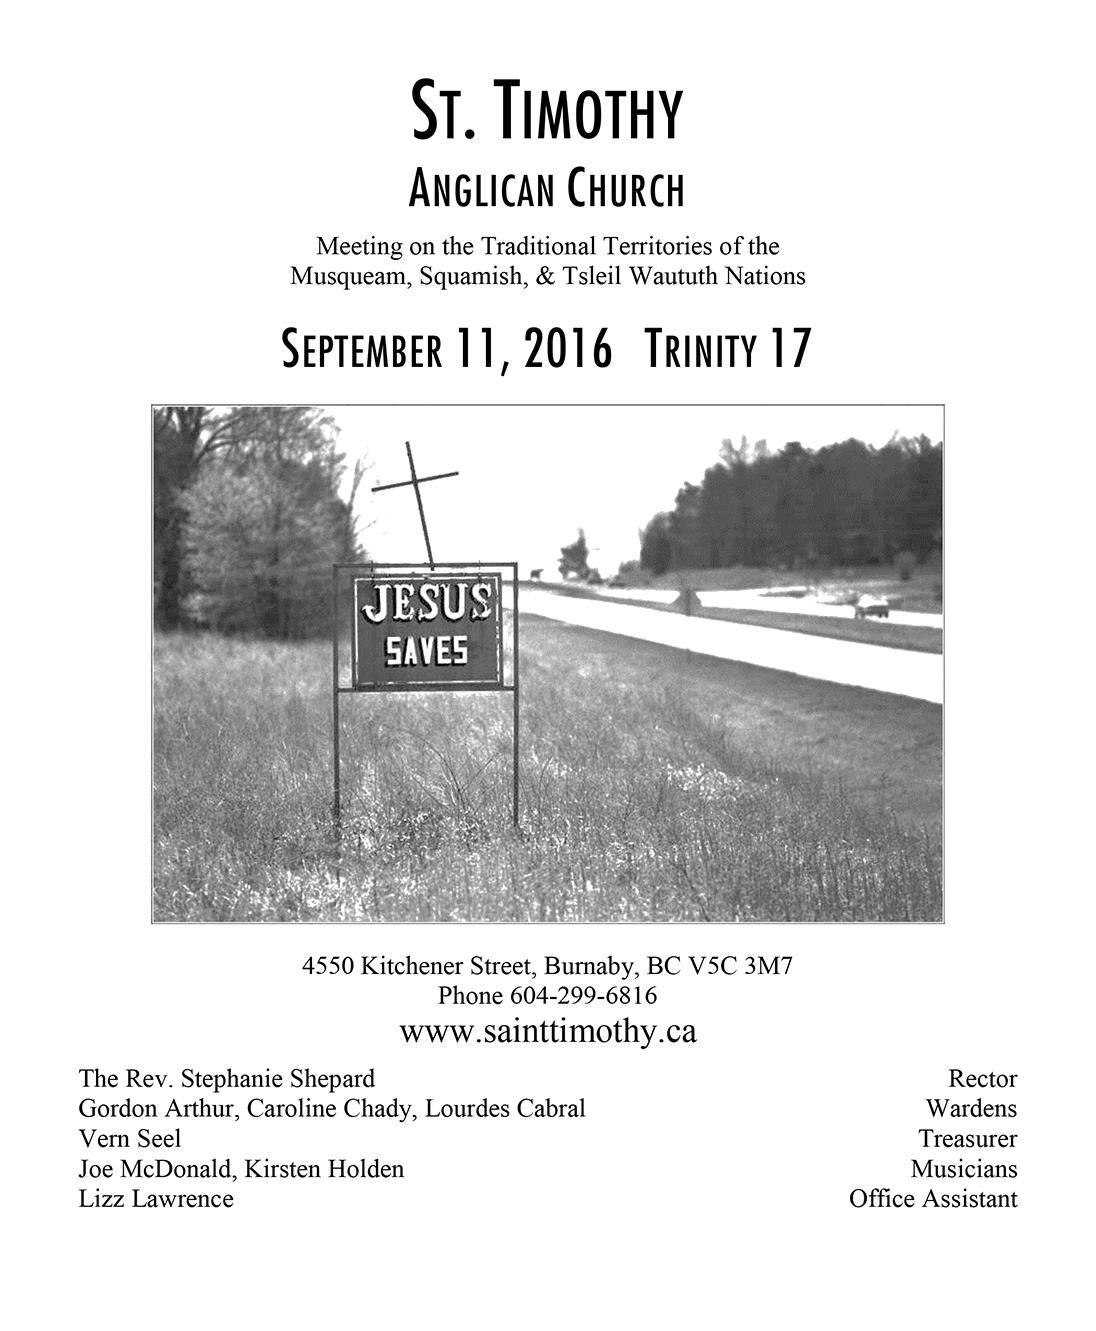 Bulletin: September 11, 2016